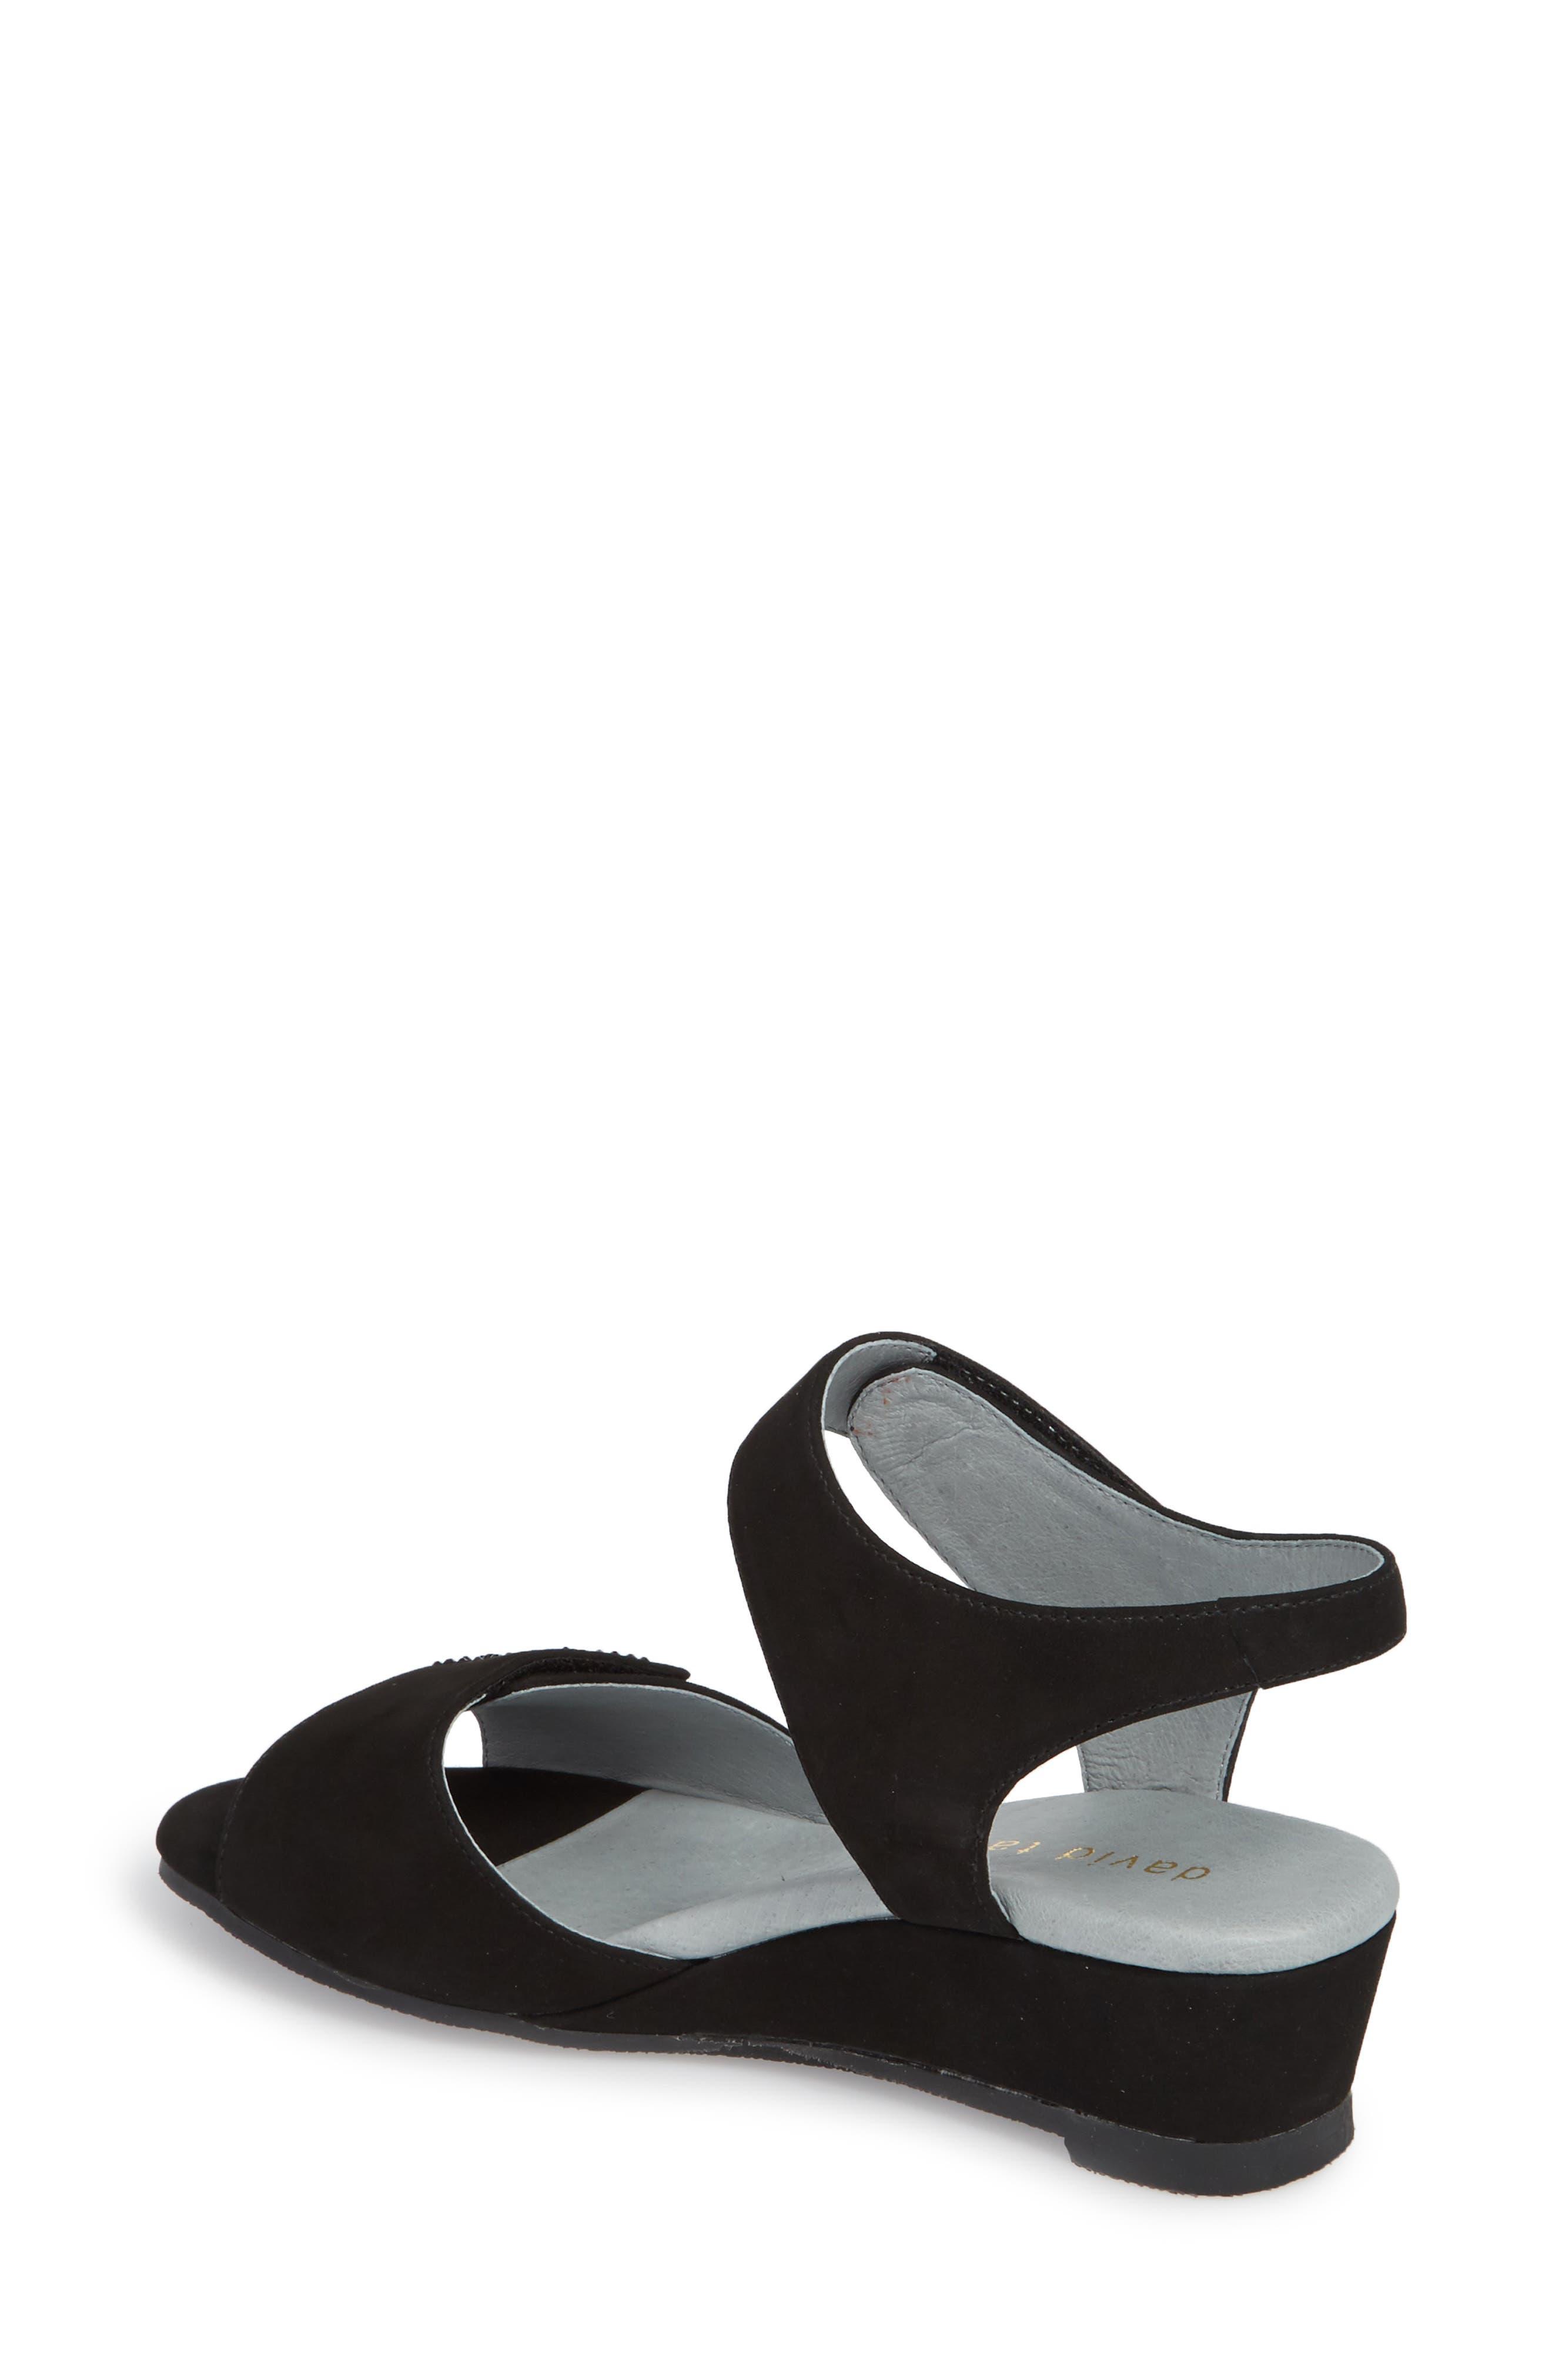 Queen Embellished Wedge Sandal,                             Alternate thumbnail 2, color,                             BLACK NUBUCK